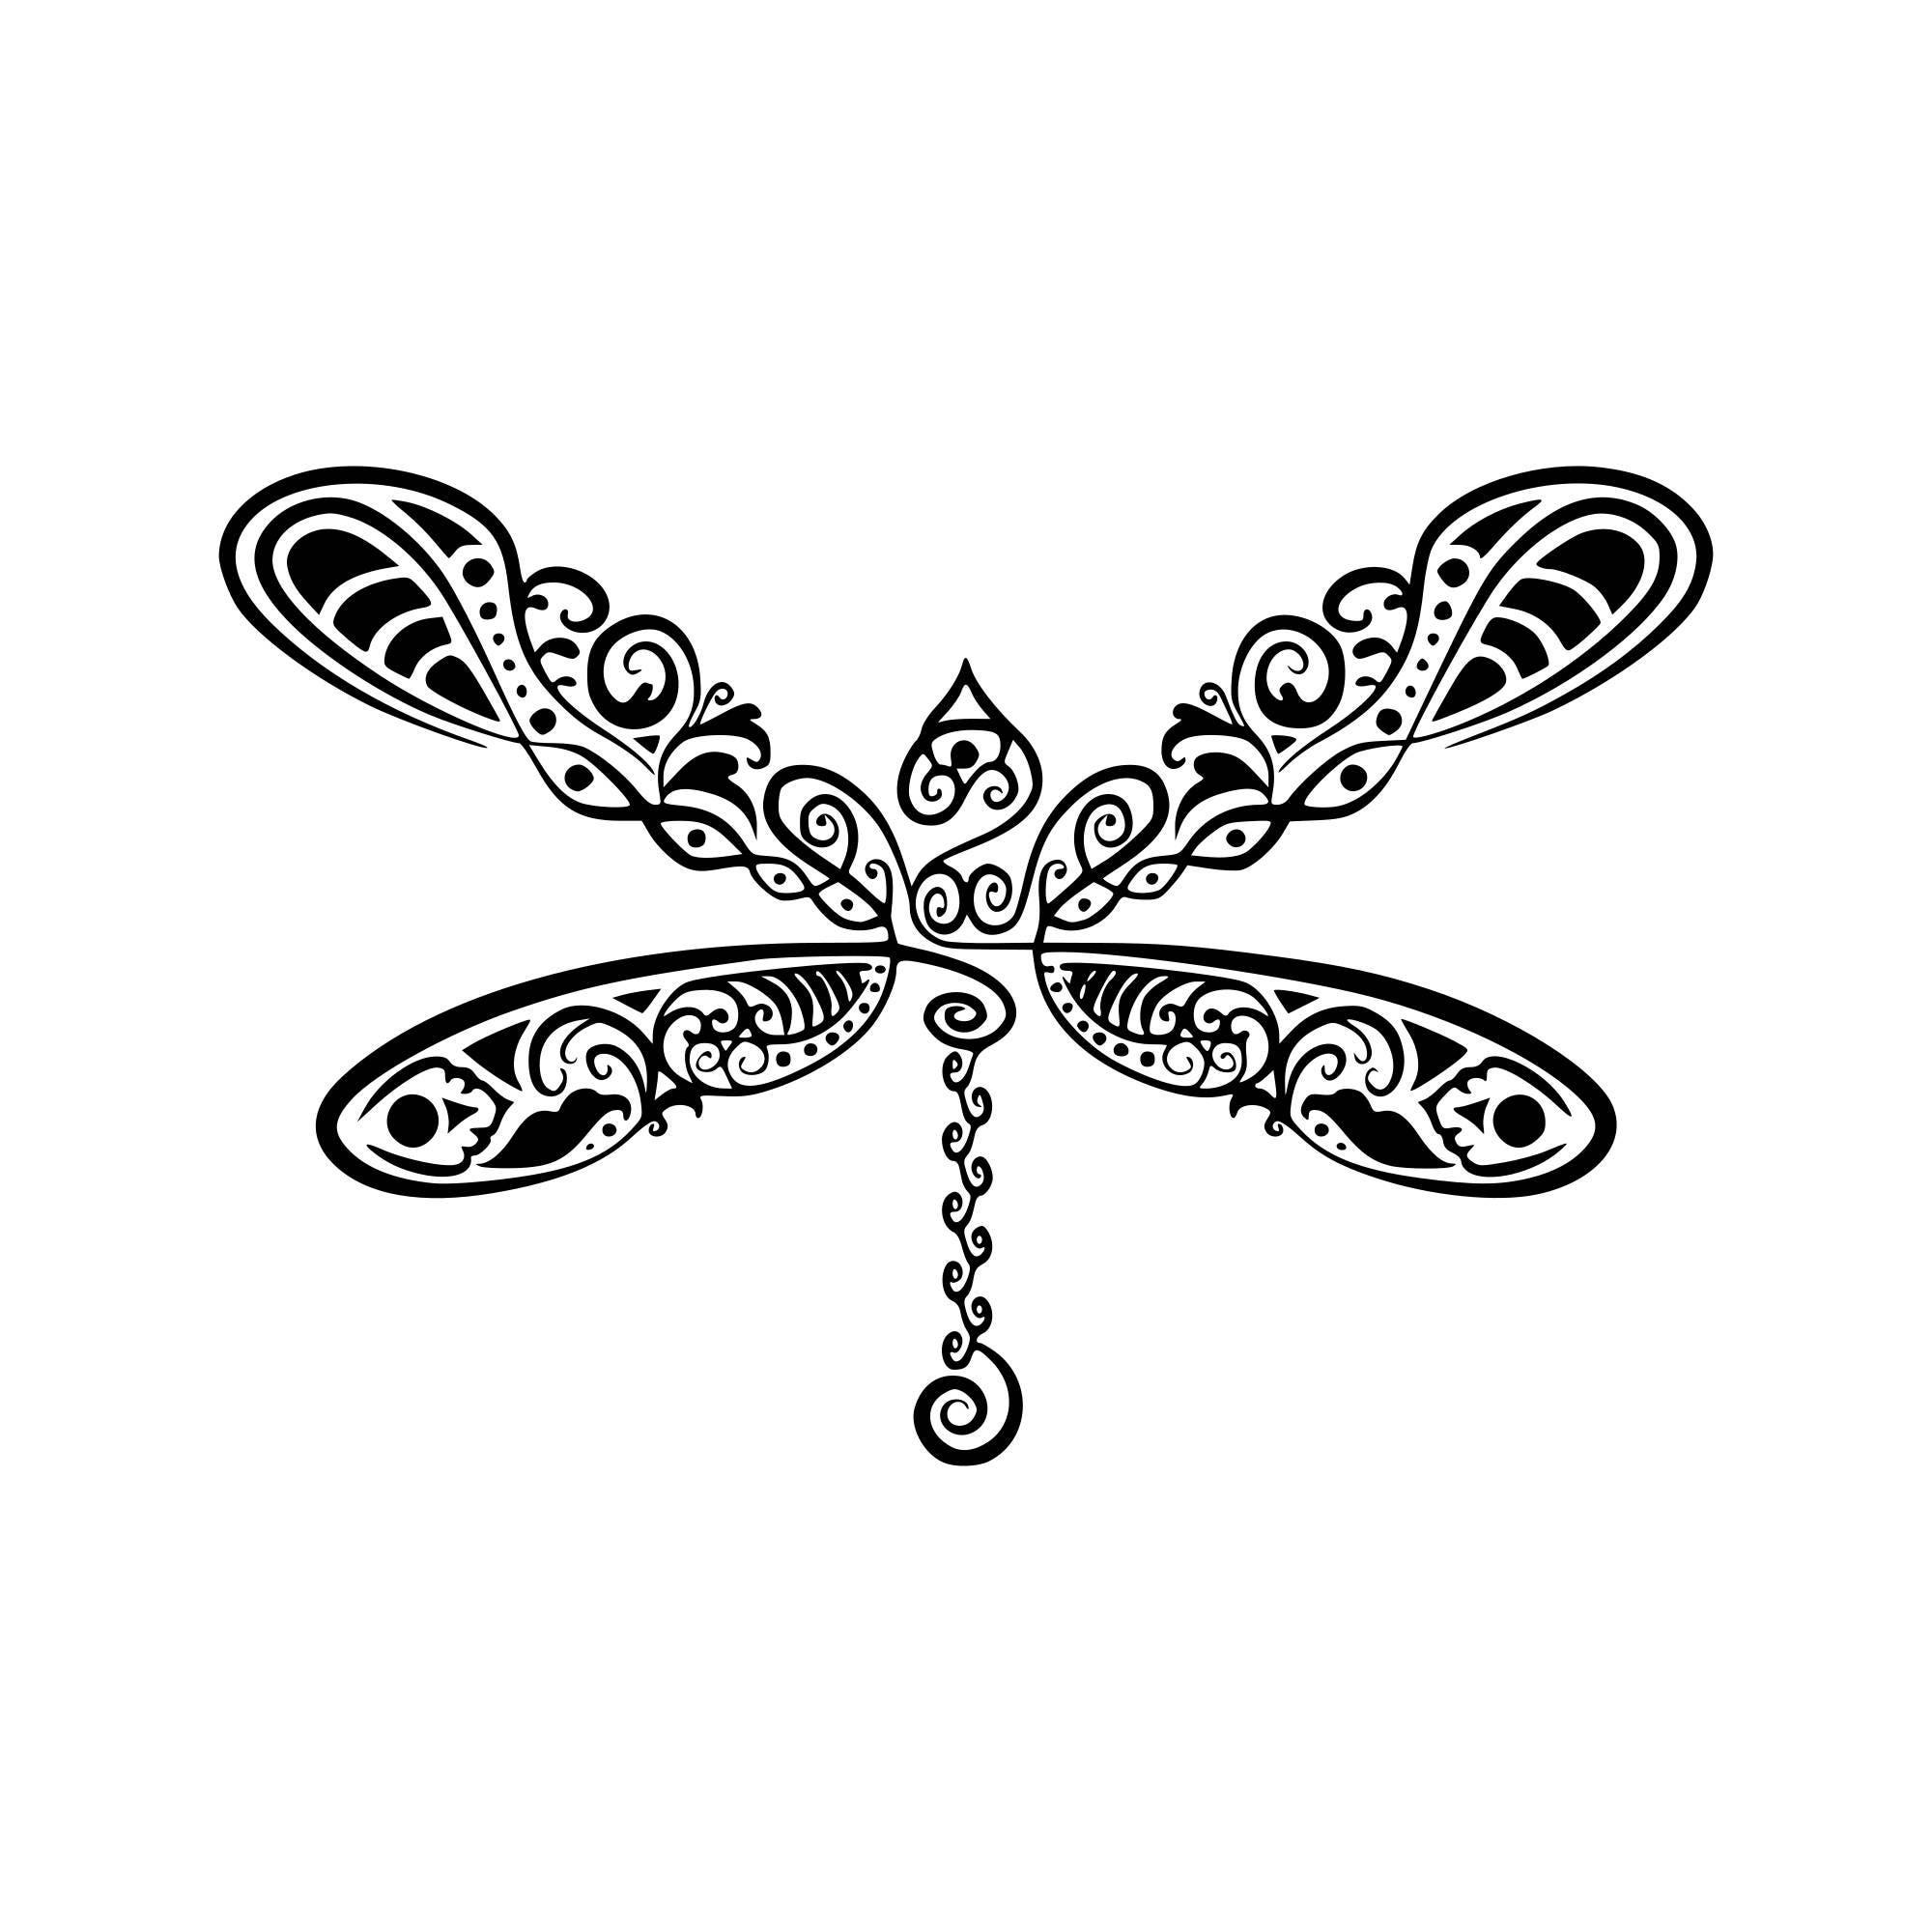 Ungewöhnlich Libelle Mandala Malvorlagen Fotos - Beispiel ...